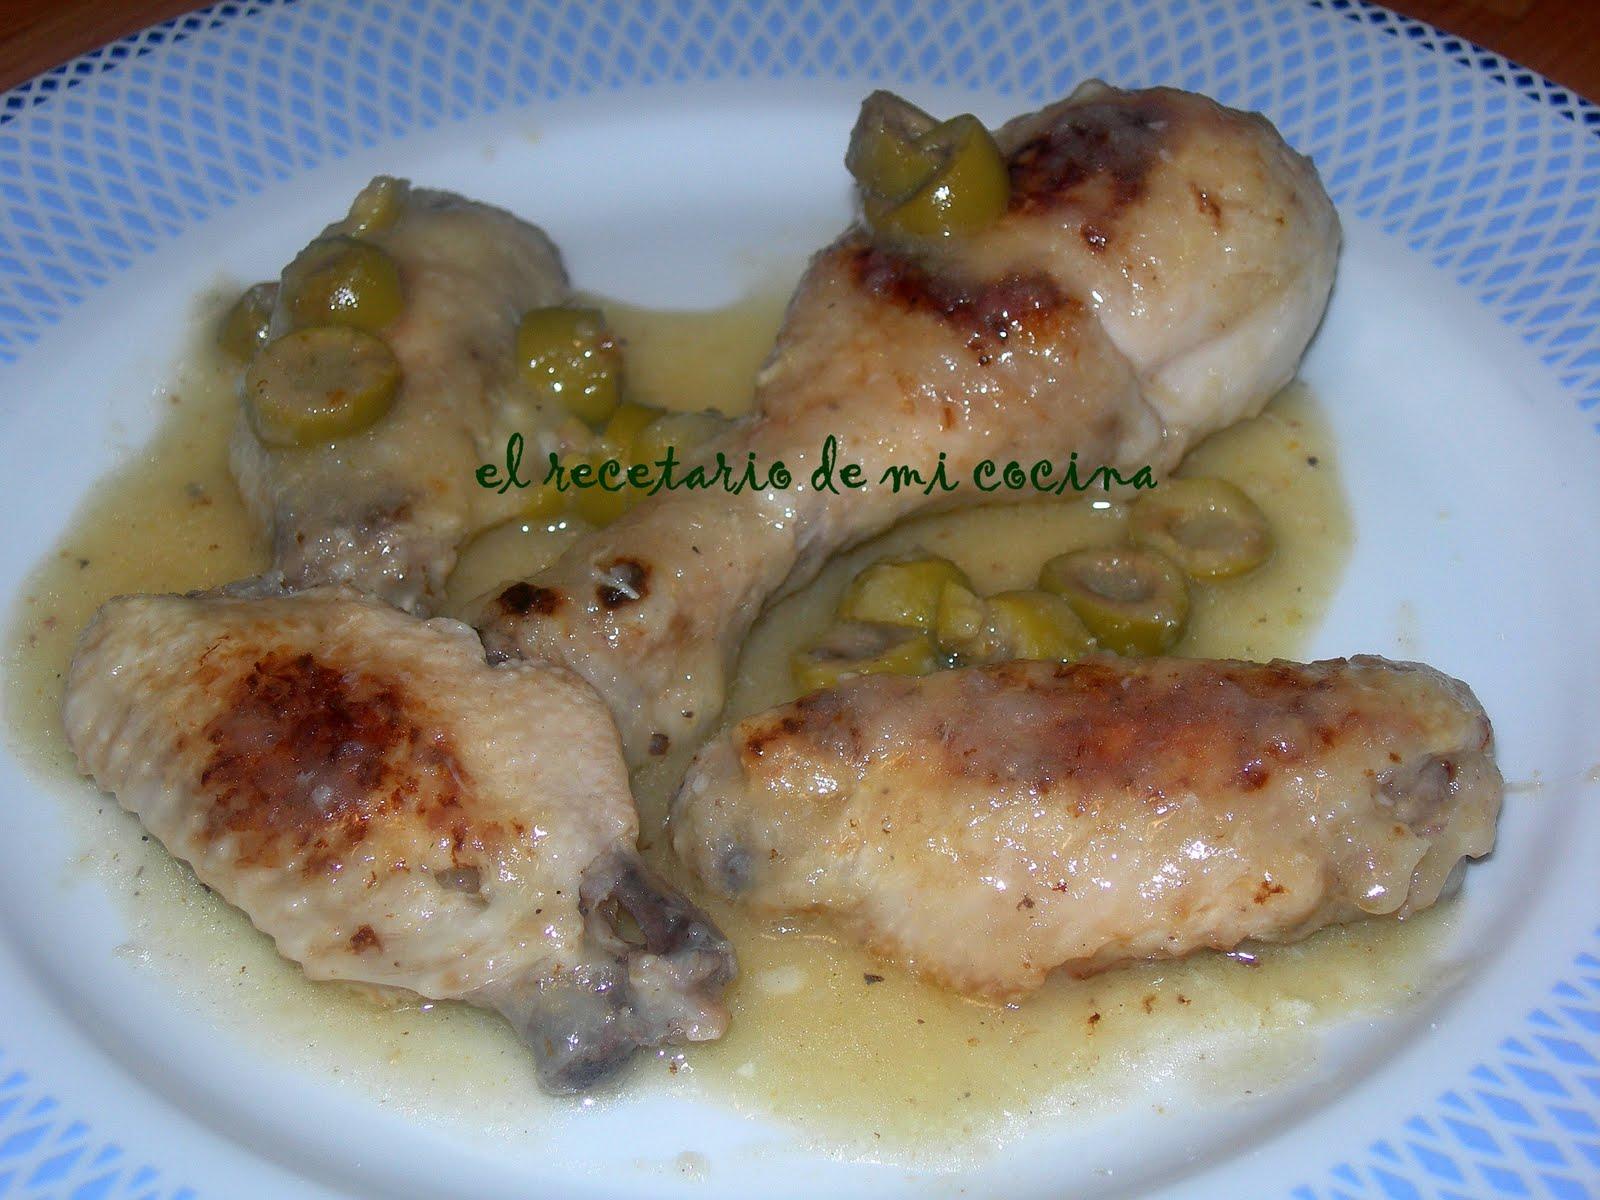 El recetario de mi cocina pollo al lim n - Pollo al limon isasaweis ...